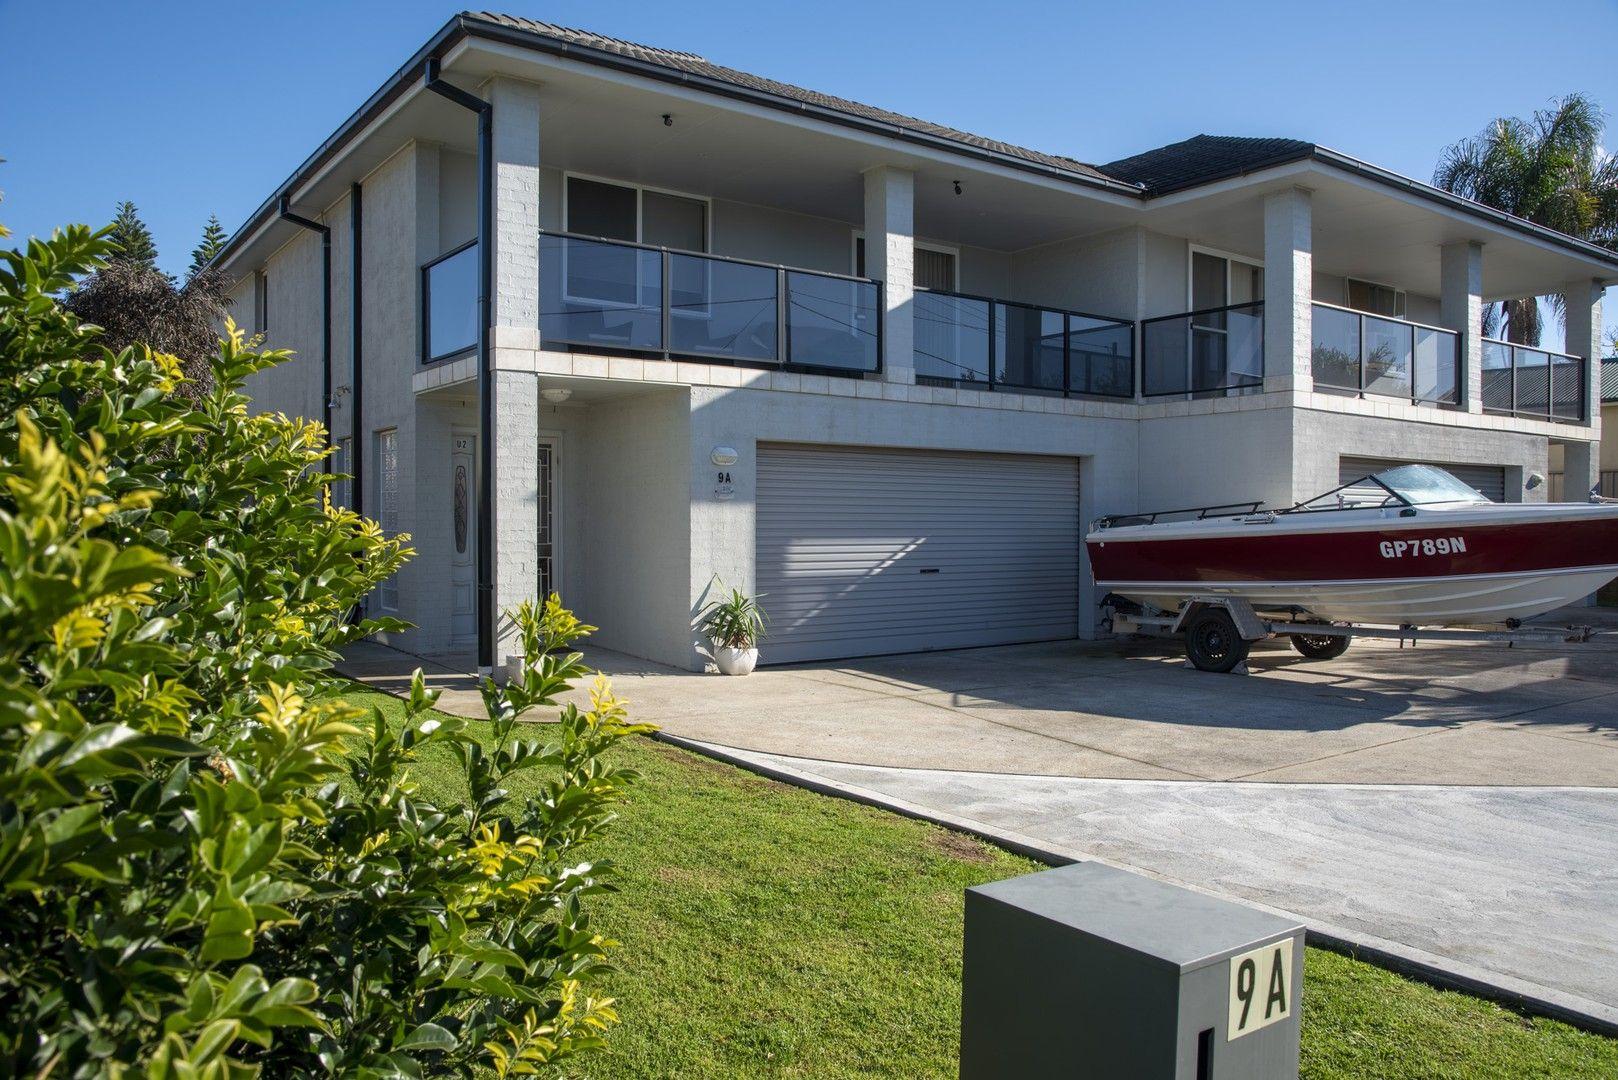 2/9 Witherington Avenue, Ulladulla NSW 2539, Image 0